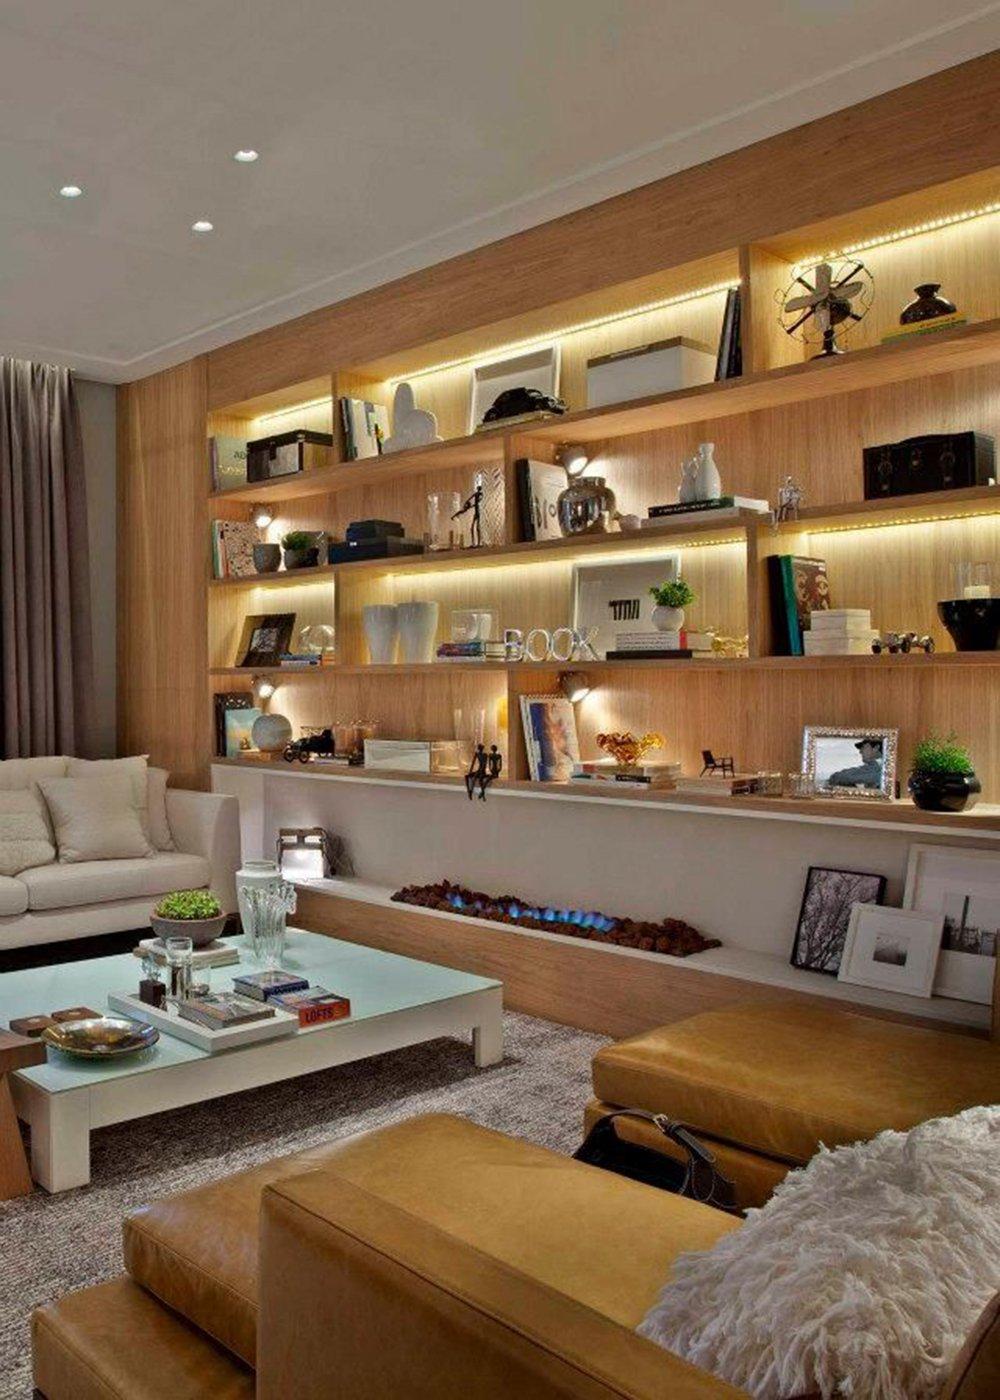 clairage biblioth que id e de luminaire et lampe maison. Black Bedroom Furniture Sets. Home Design Ideas